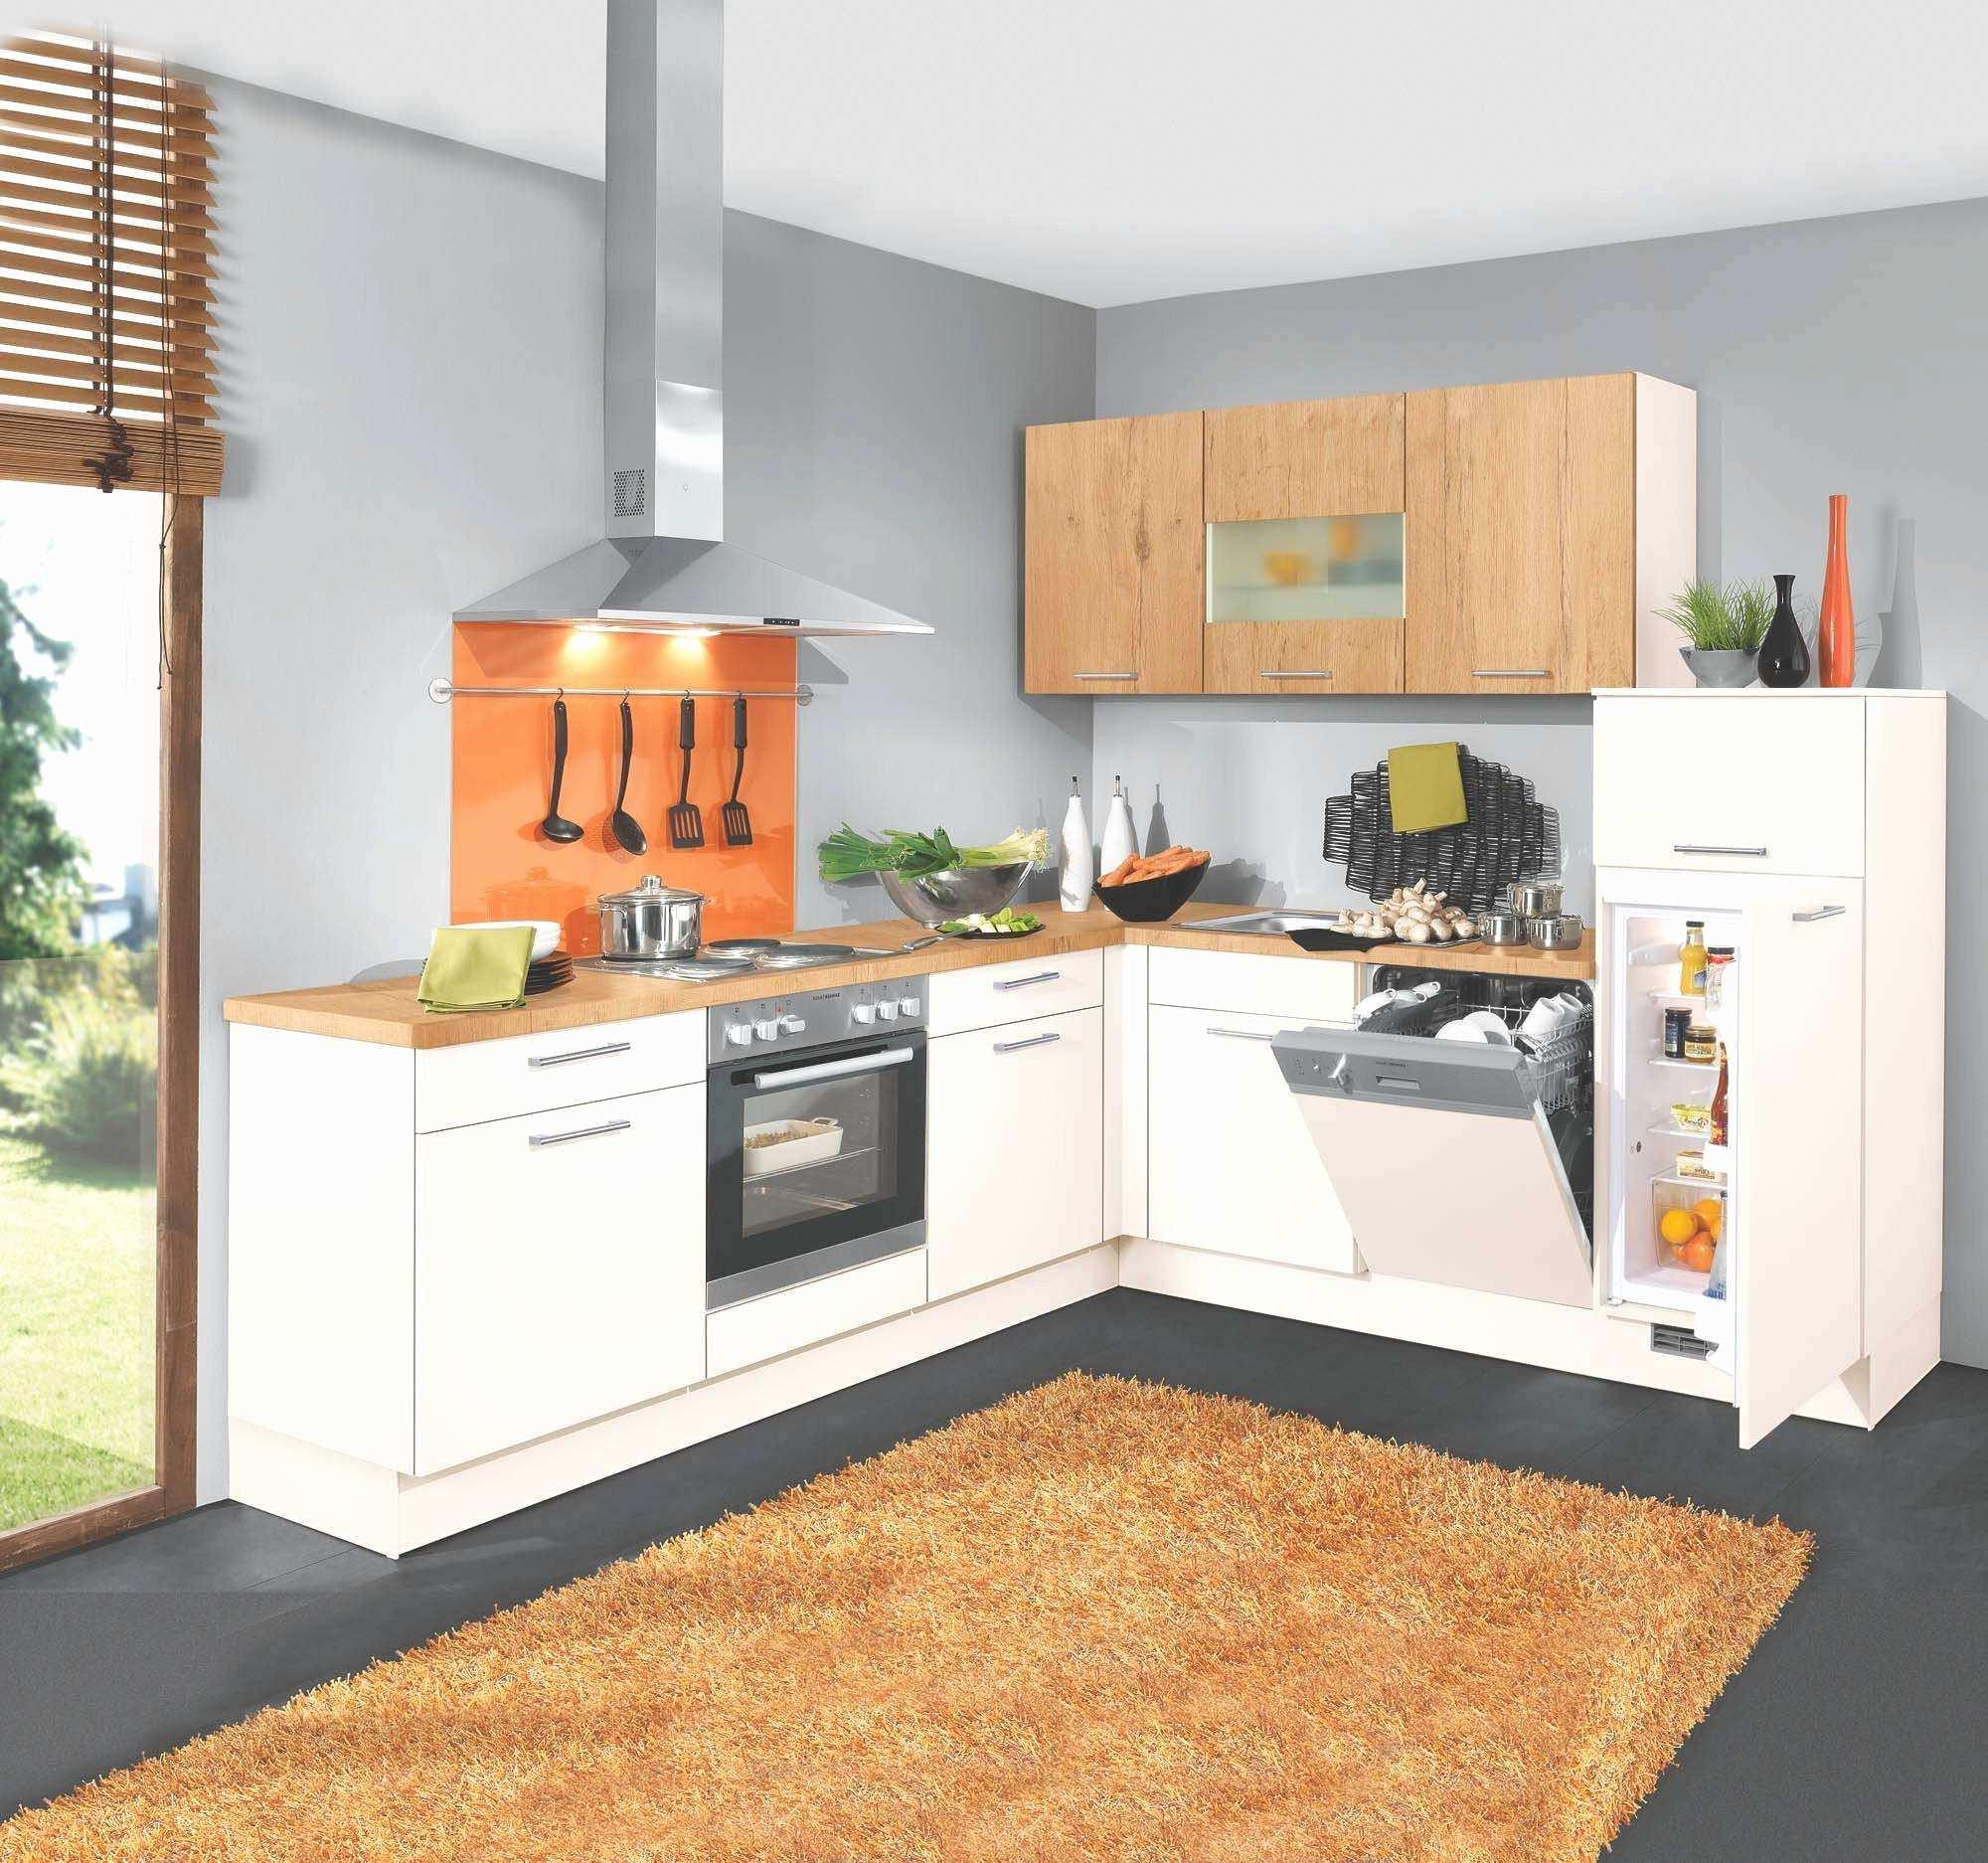 Full Size of Küche Günstig Kaufen Hochglanz Küche Günstig Kaufen Kleine Küche Günstig Kaufen Küche Günstig Kaufen österreich Küche Küche Günstig Kaufen